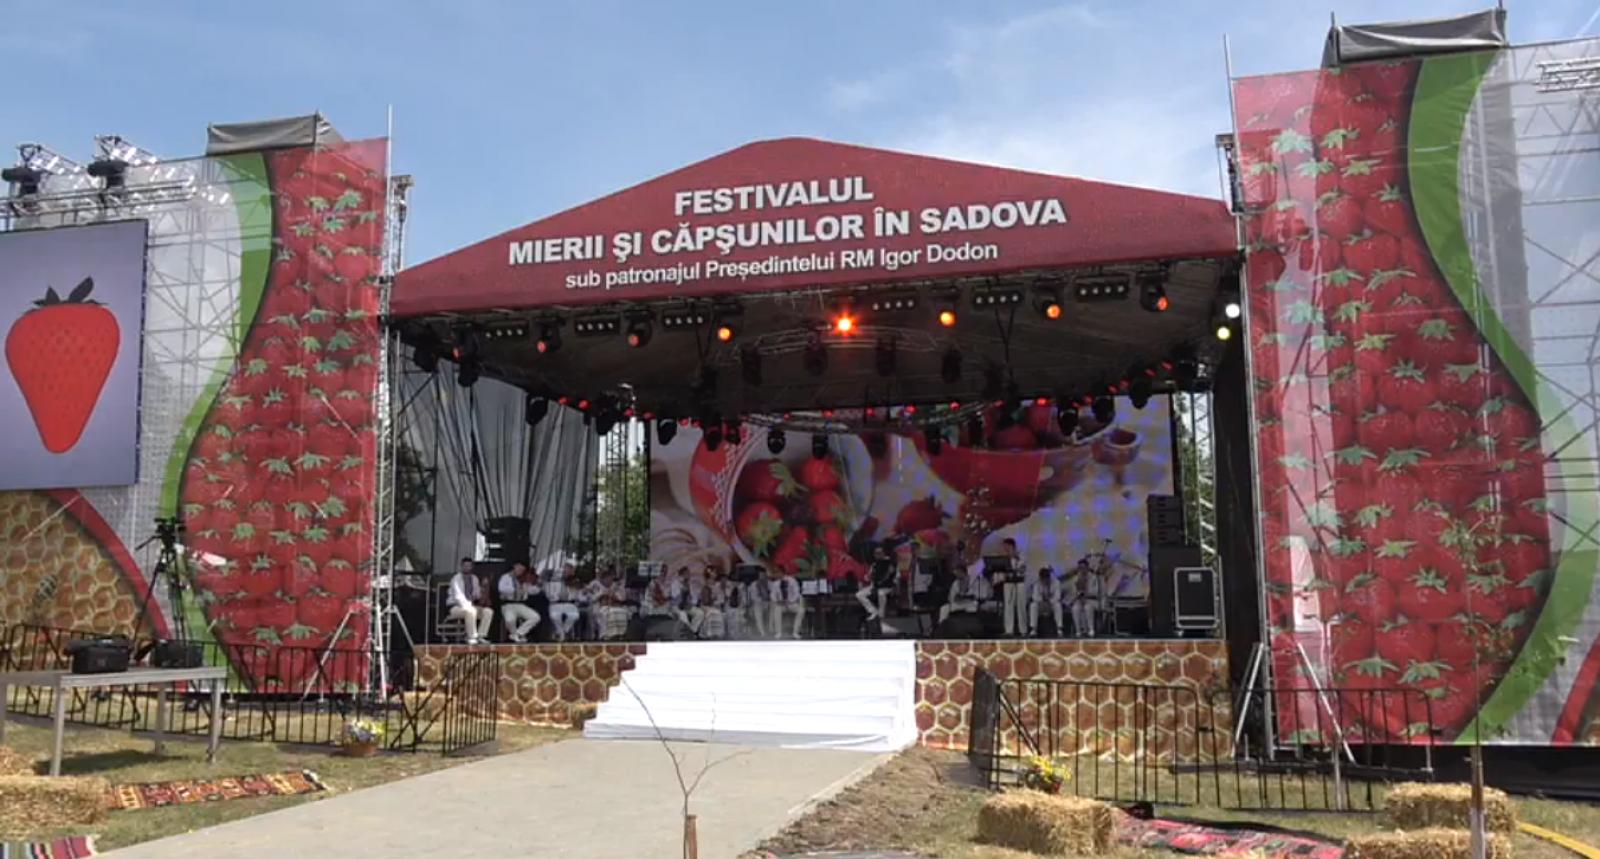 (video/update) Festivalul Căpșunilor și Mierii marca Igor Dodon